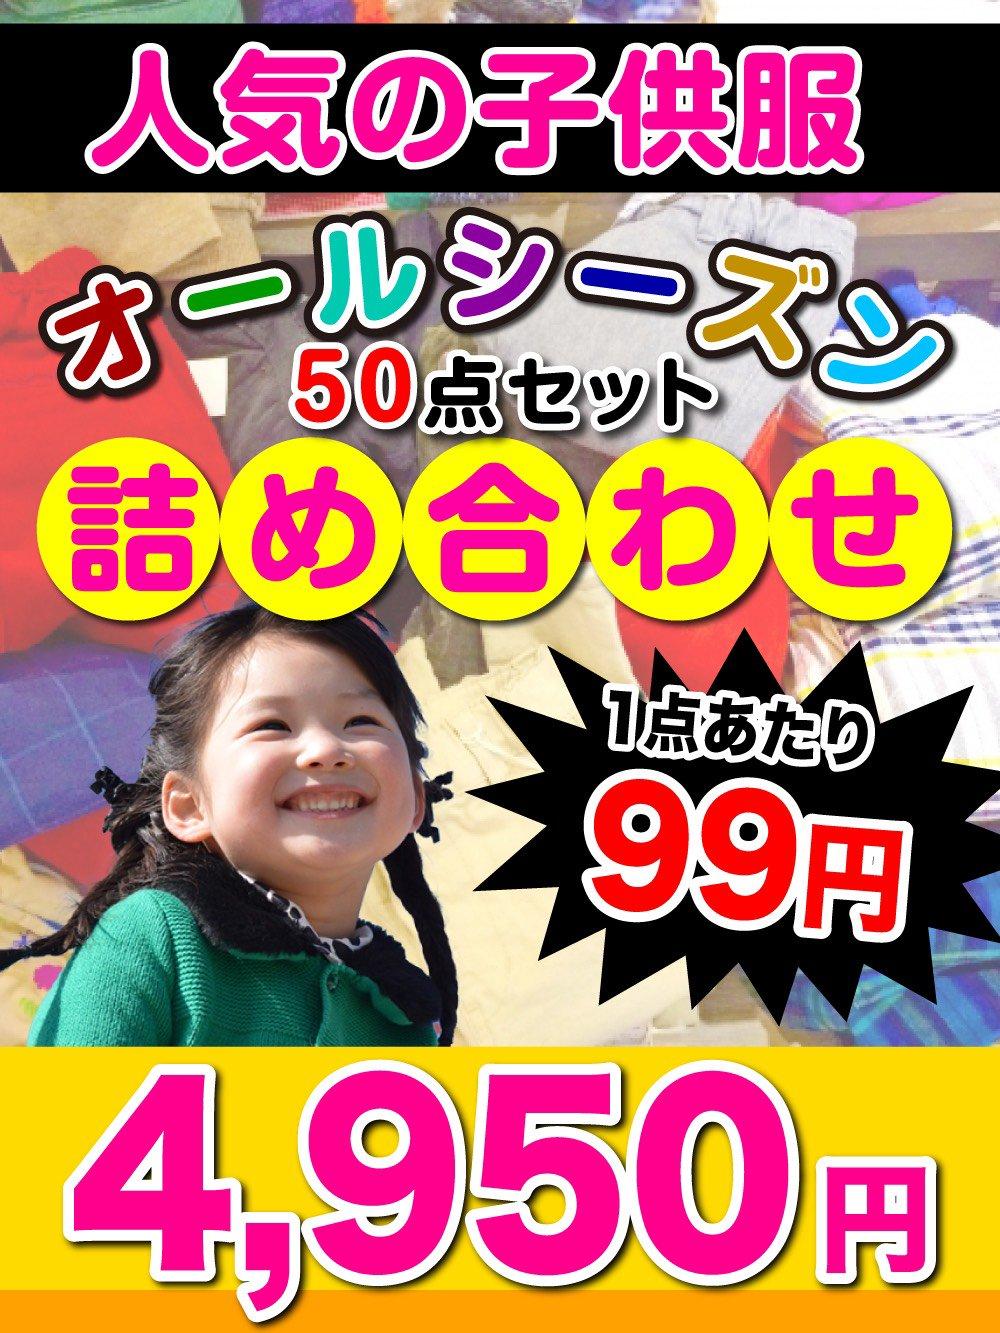 【人気の子供服50点セット】オールシーズン詰め合わせ@99